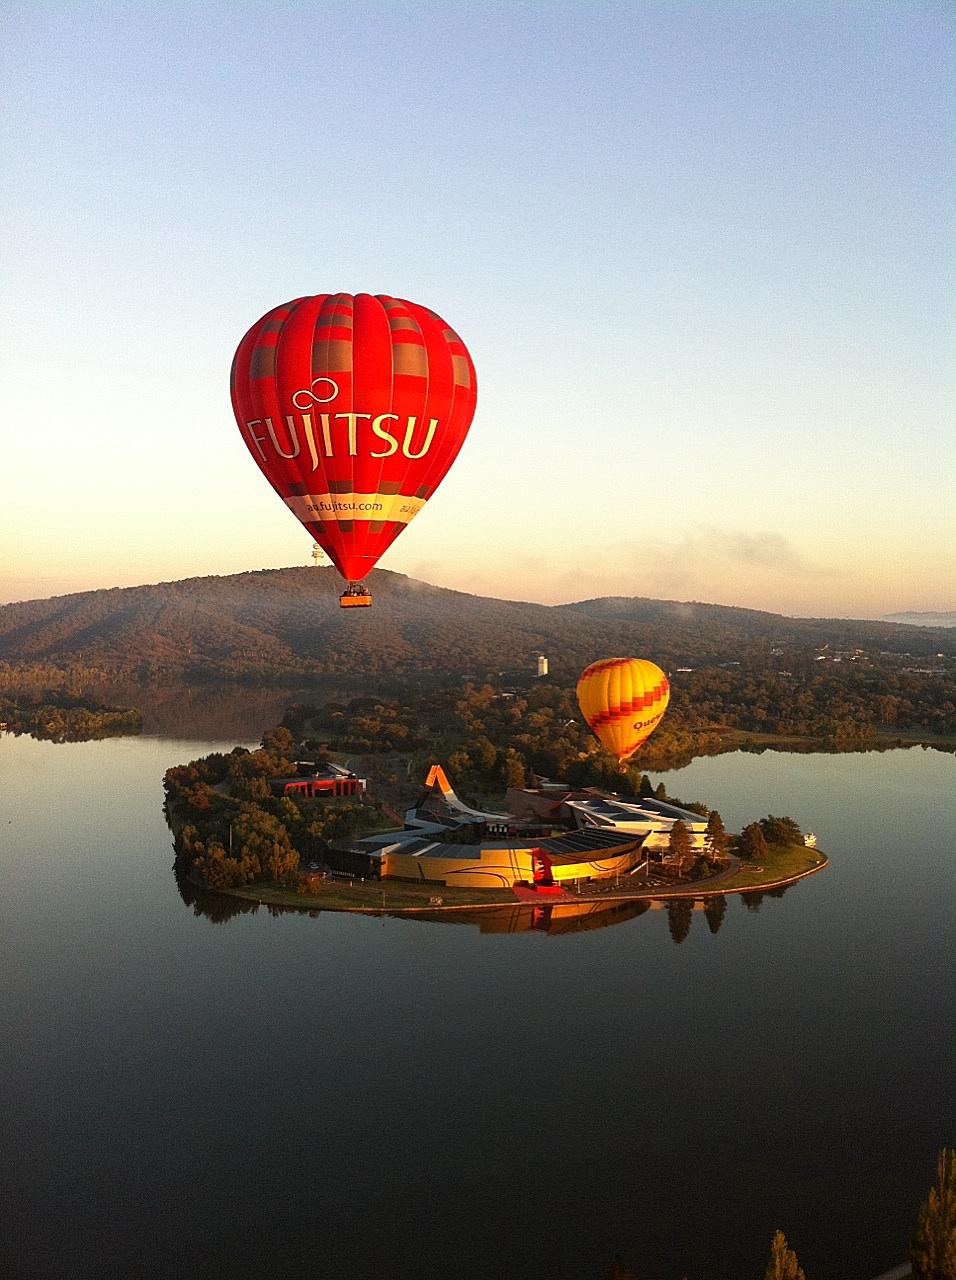 Fujitsu Hot Air Balloon Over National Gallery.jpeg